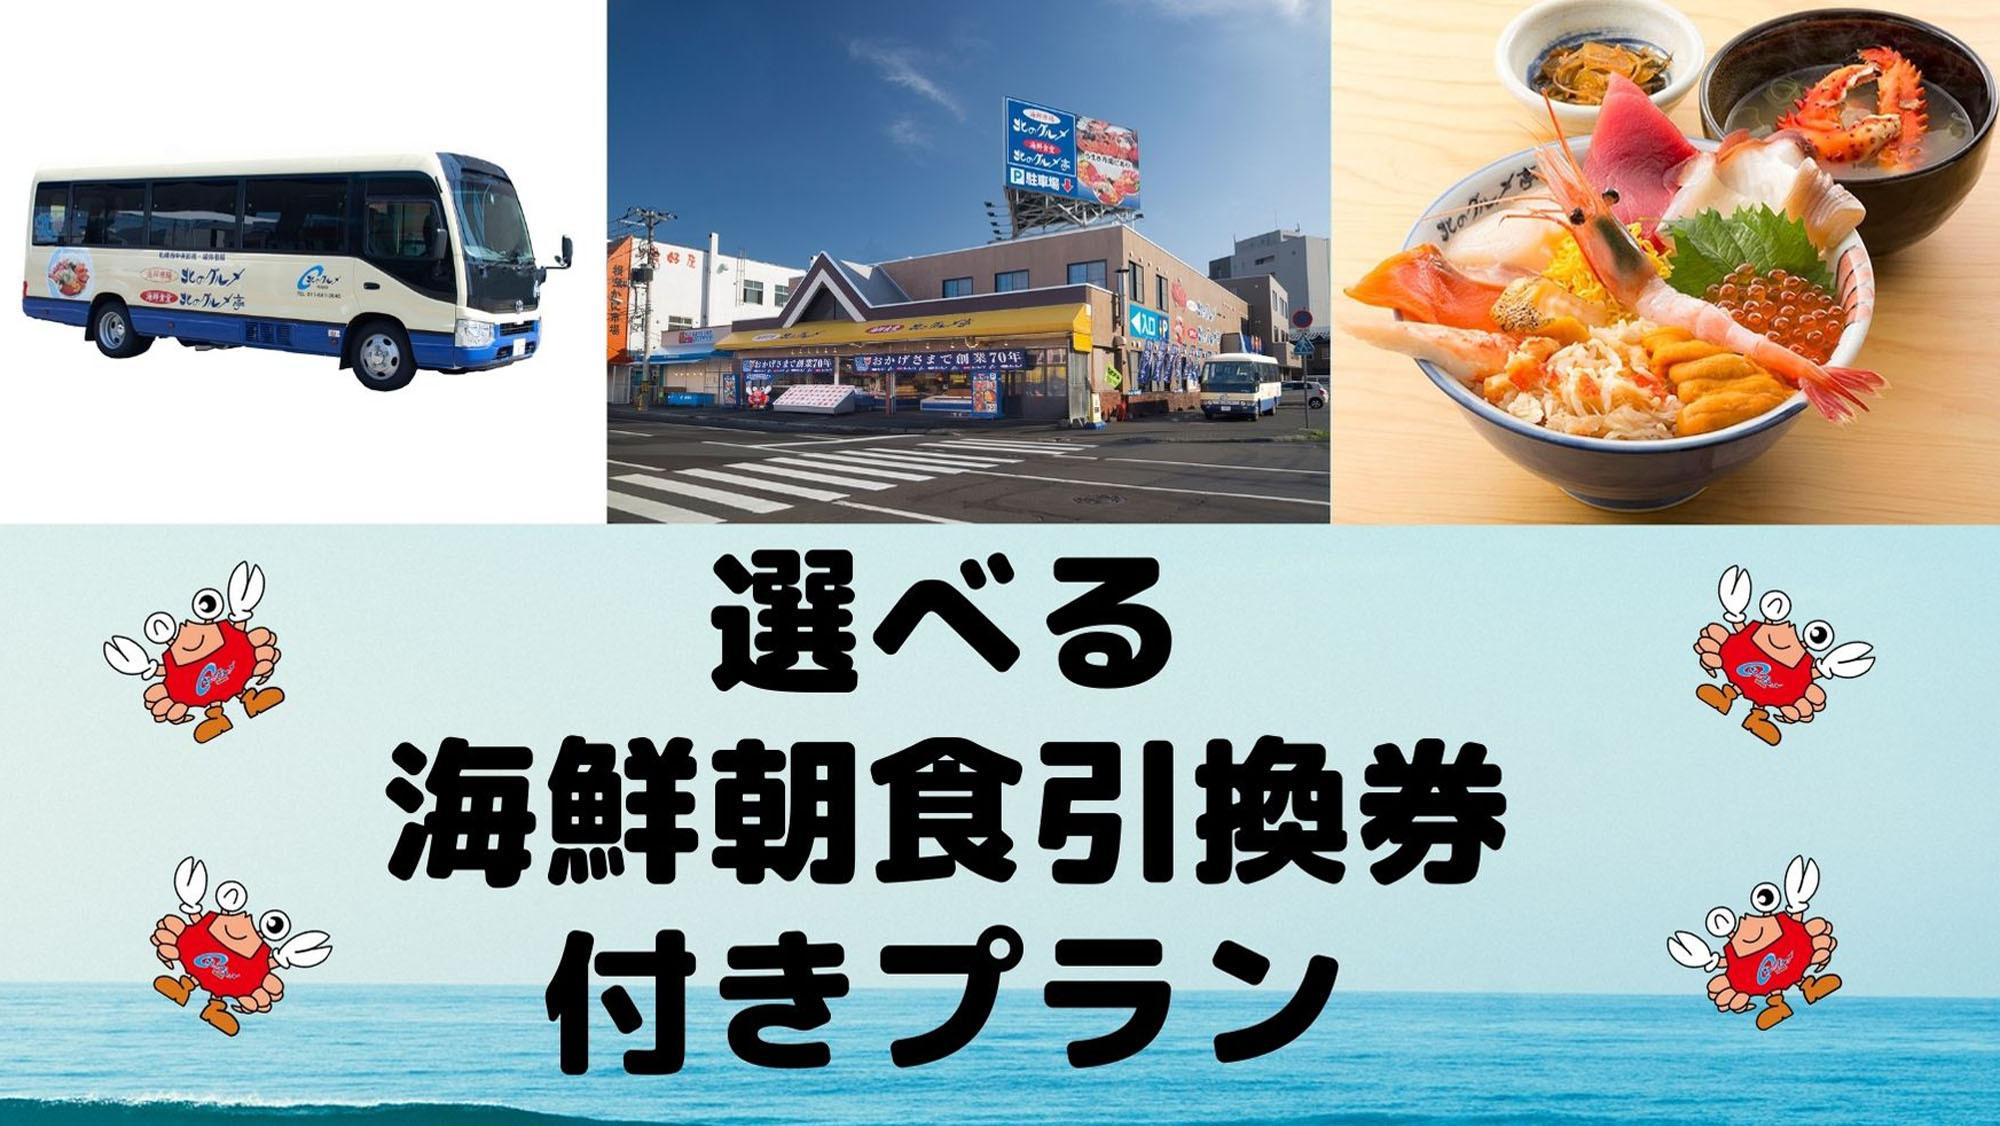 【市場で味わう北海道の味覚!】 ★朝市で食べられる『なまら旨い!海鮮丼』のお食事券付き♪★